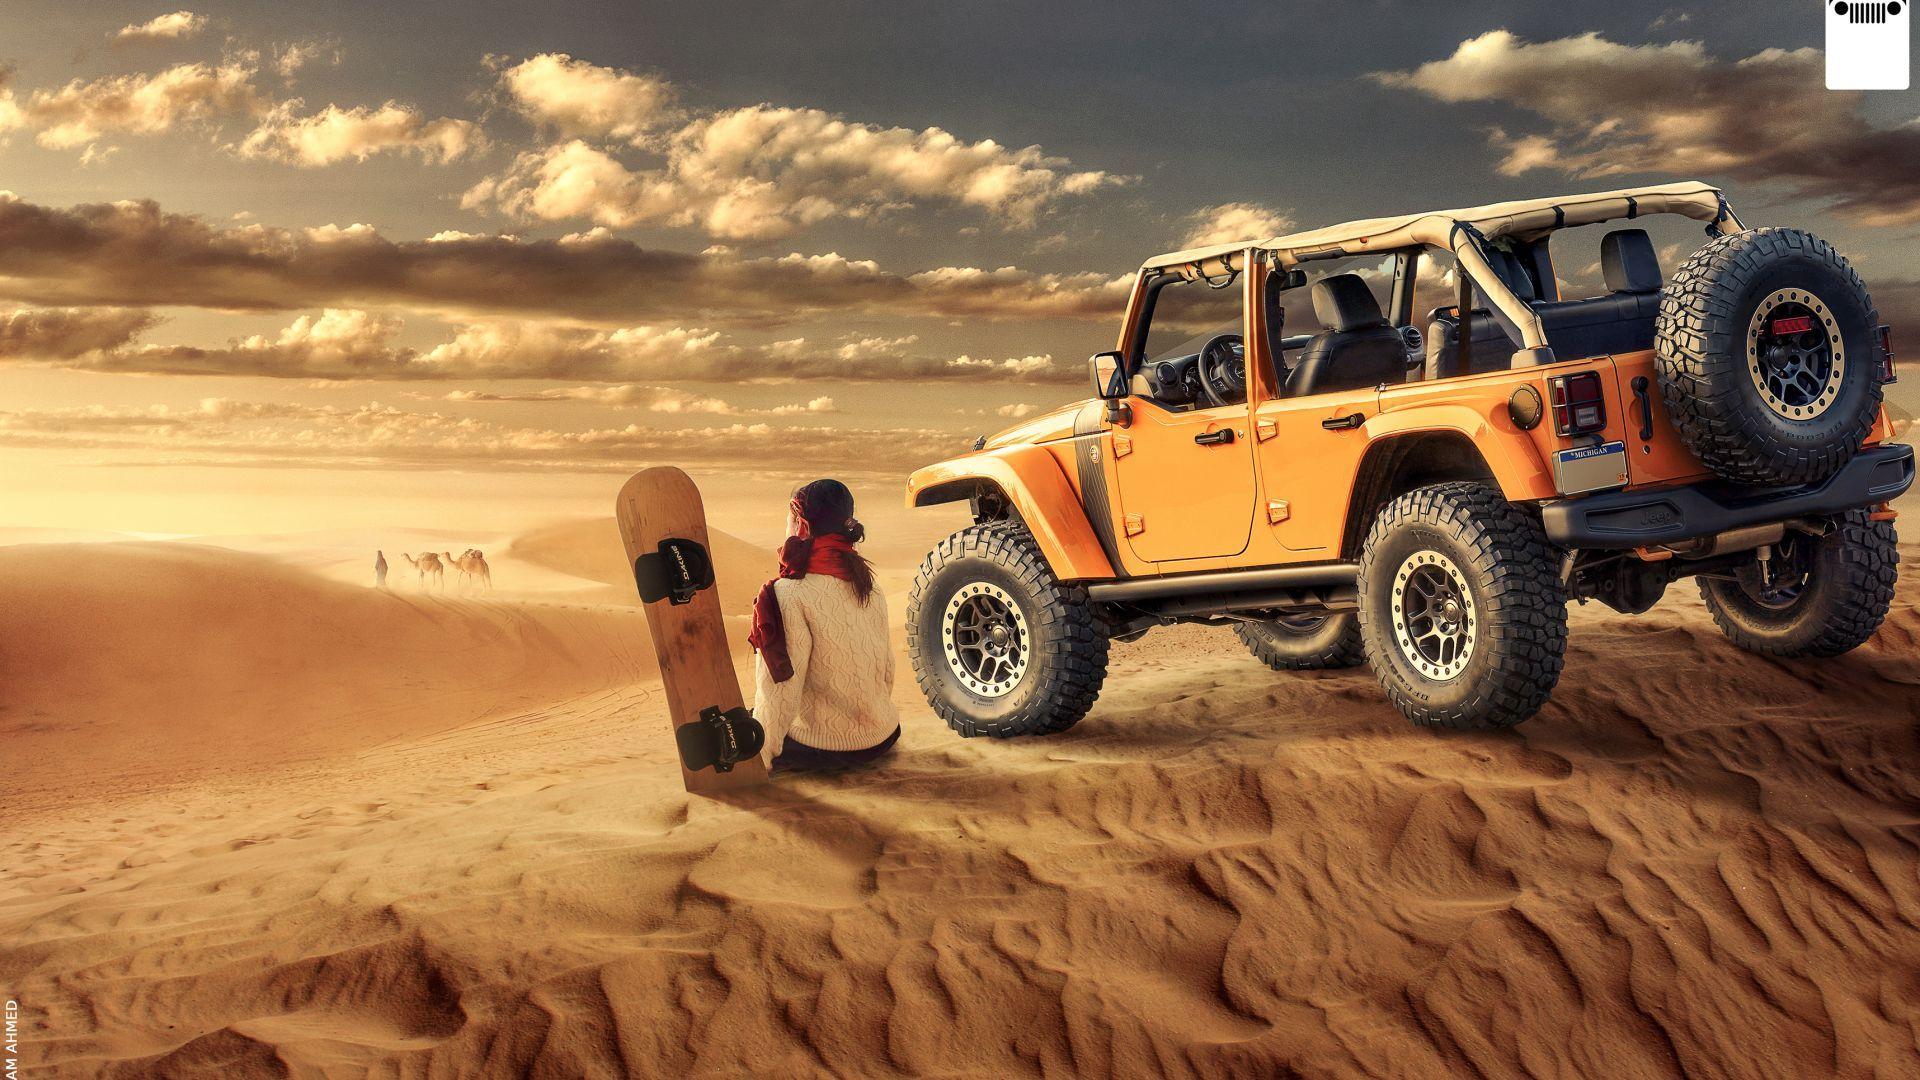 Jeep Wrangler Desert Off Roading Girl Hd Jeep Wrangler Jeep Wrangler Off Road Jeep